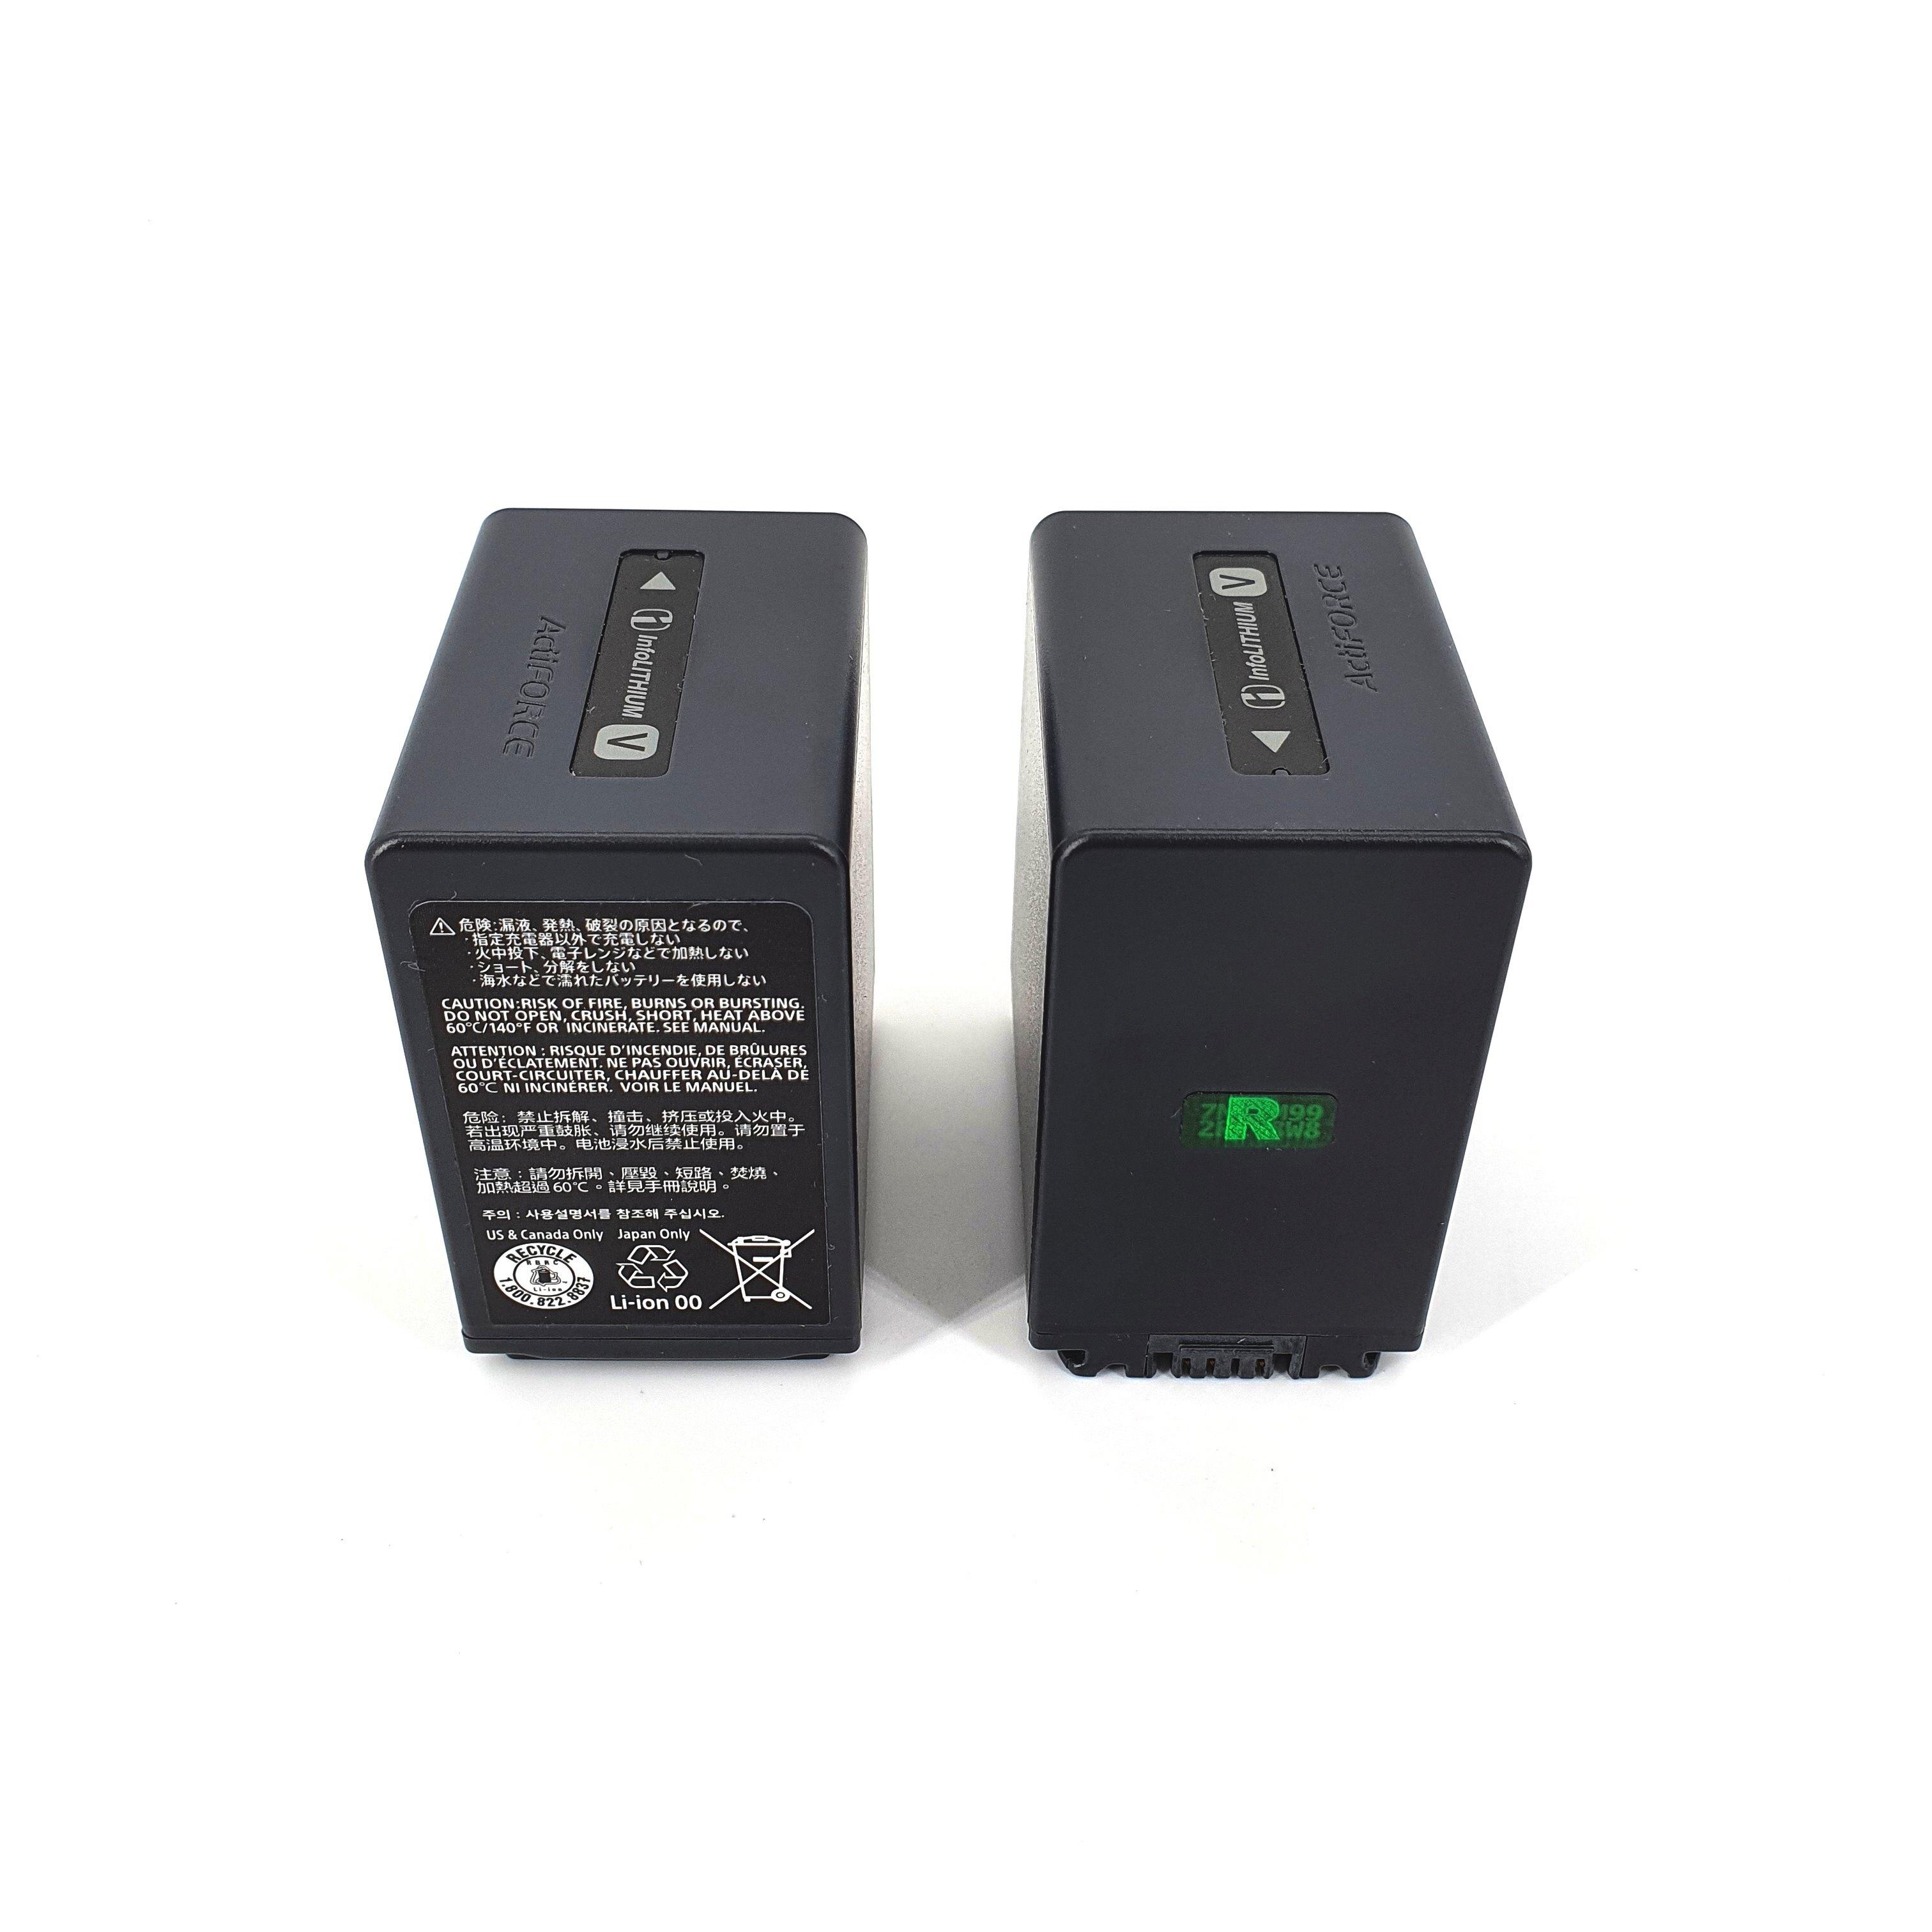 索尼 SONY NP-FV100A 攝影機 專用 原廠電池 FV50 FV70 FV100 HDR-PJ200 HDR-PJ260V HDR-PJ580V HDR-XR260V HDR-CX160 H